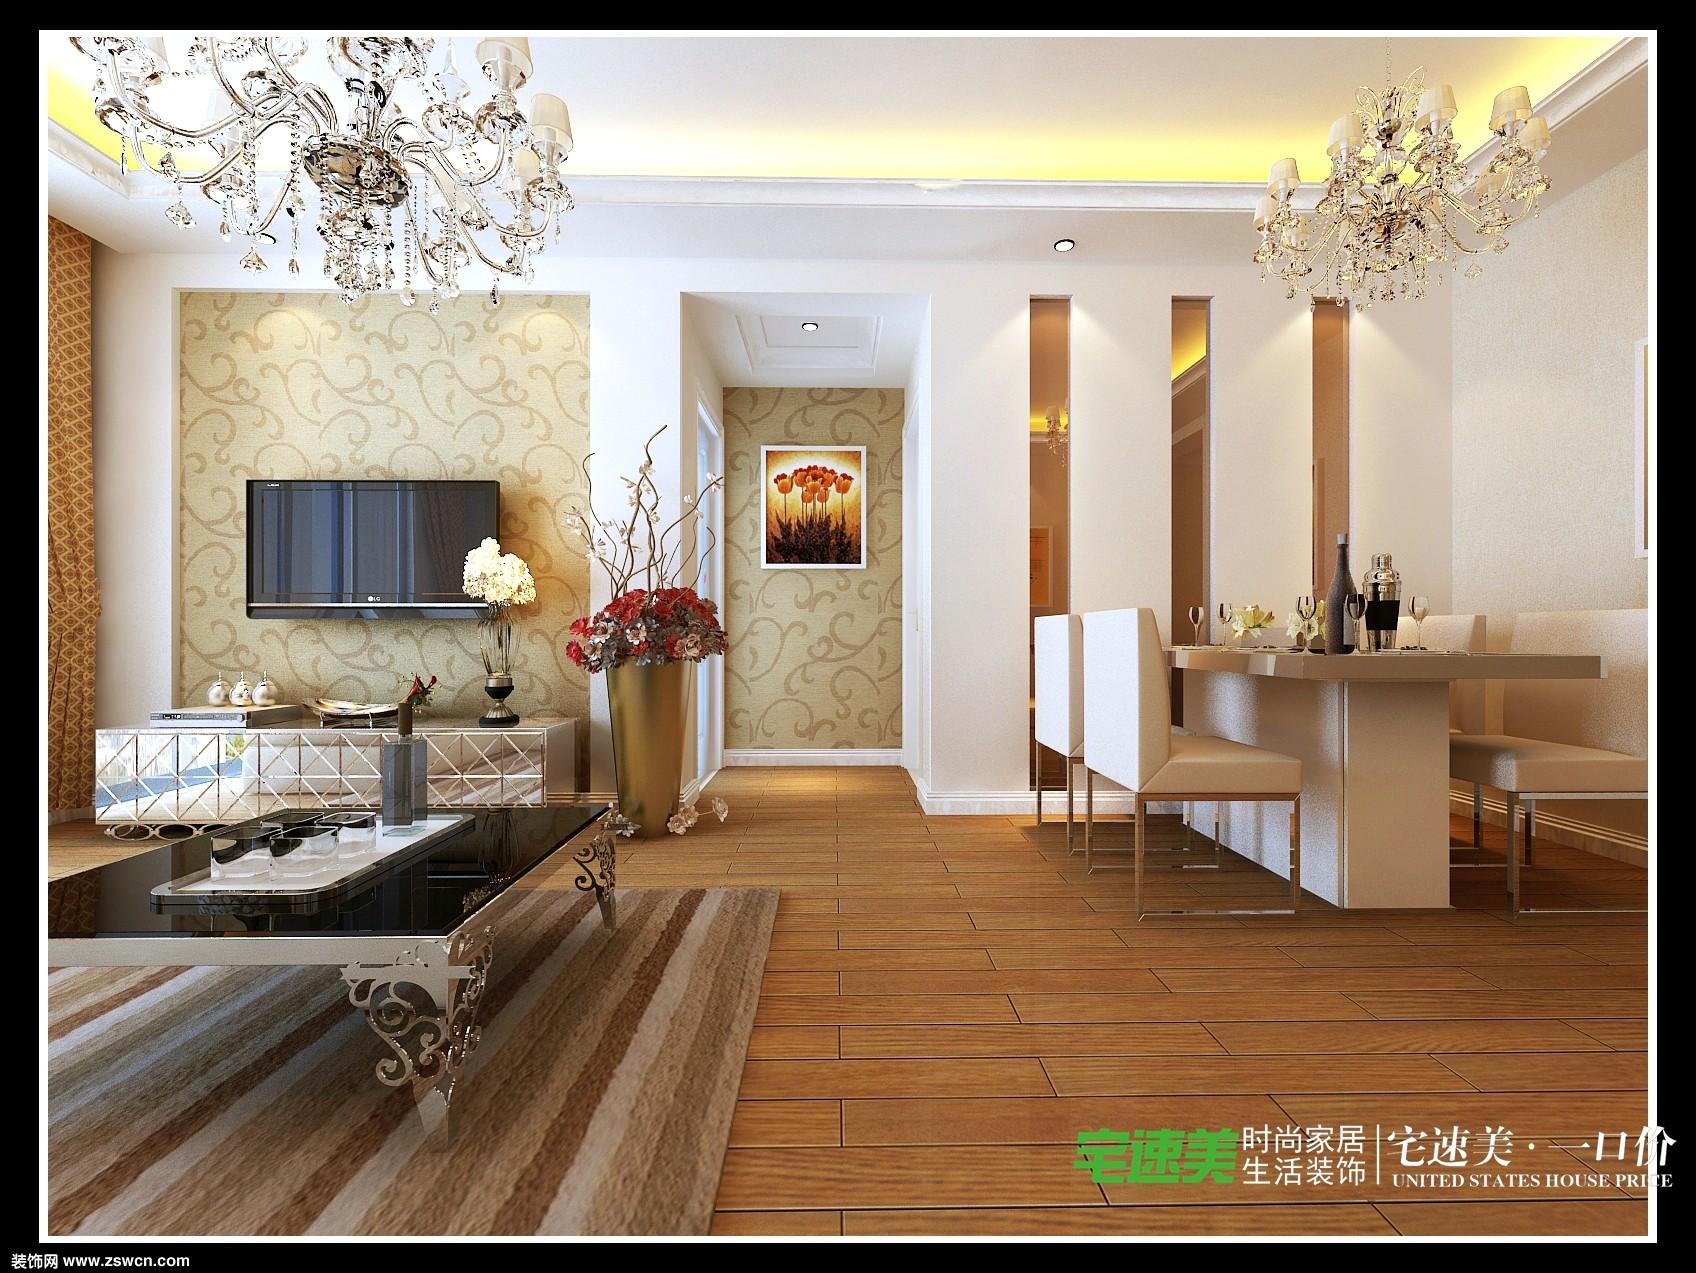 二室一厅房子设计图展示